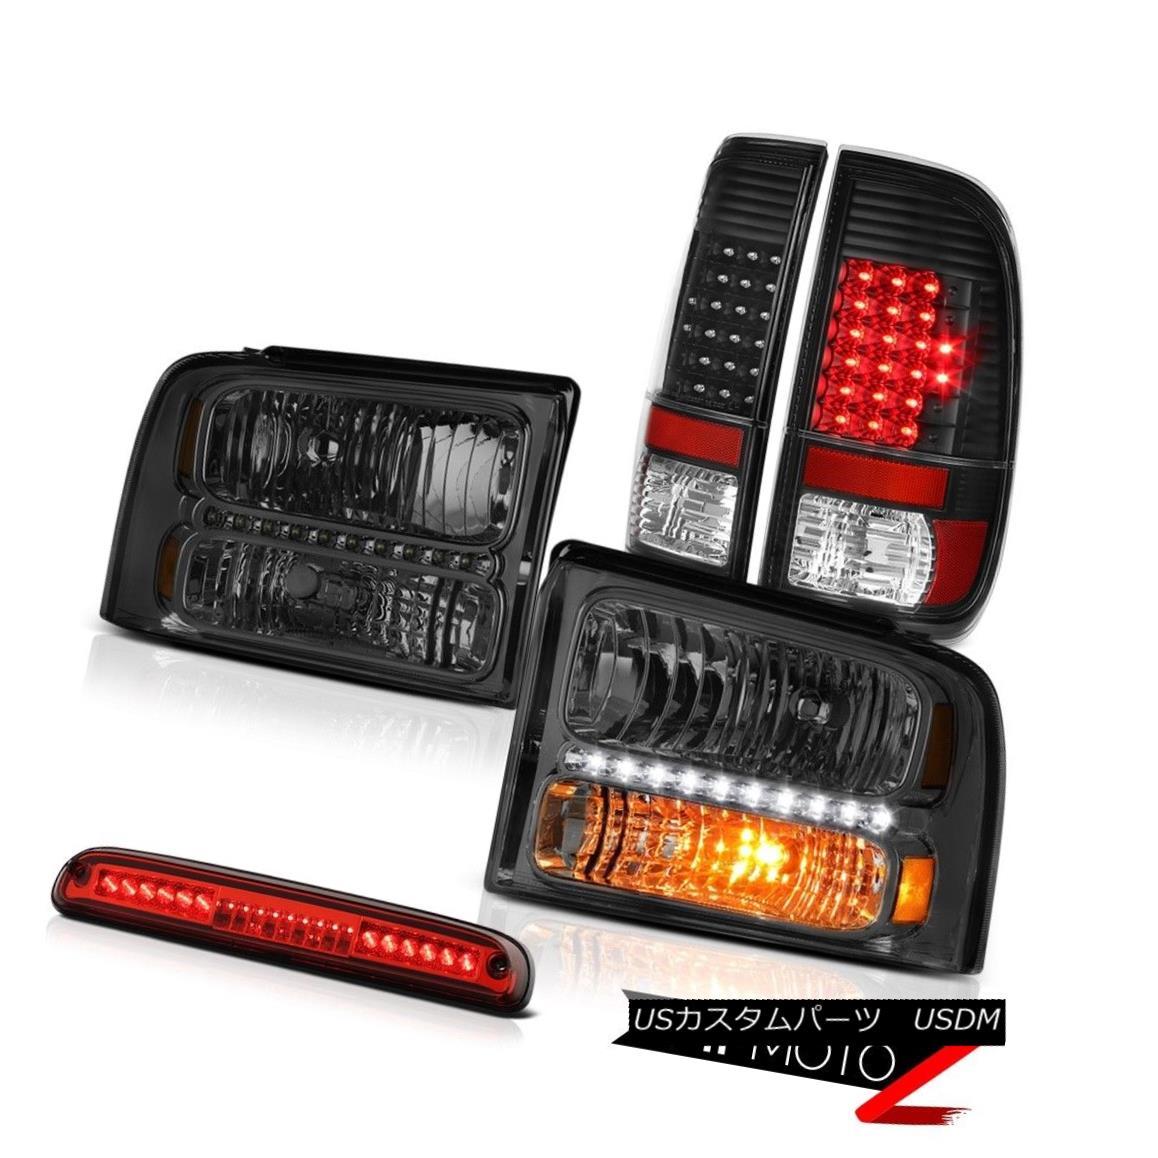 テールライト 05 06 07 F250 FX4 Dark Smoke Headlights Black LED Tail Lamps High Brake Cargo 05 06 07 F250 FX4ダークグレーヘッドライトブラックLEDテールランプハイブレーキカーゴ